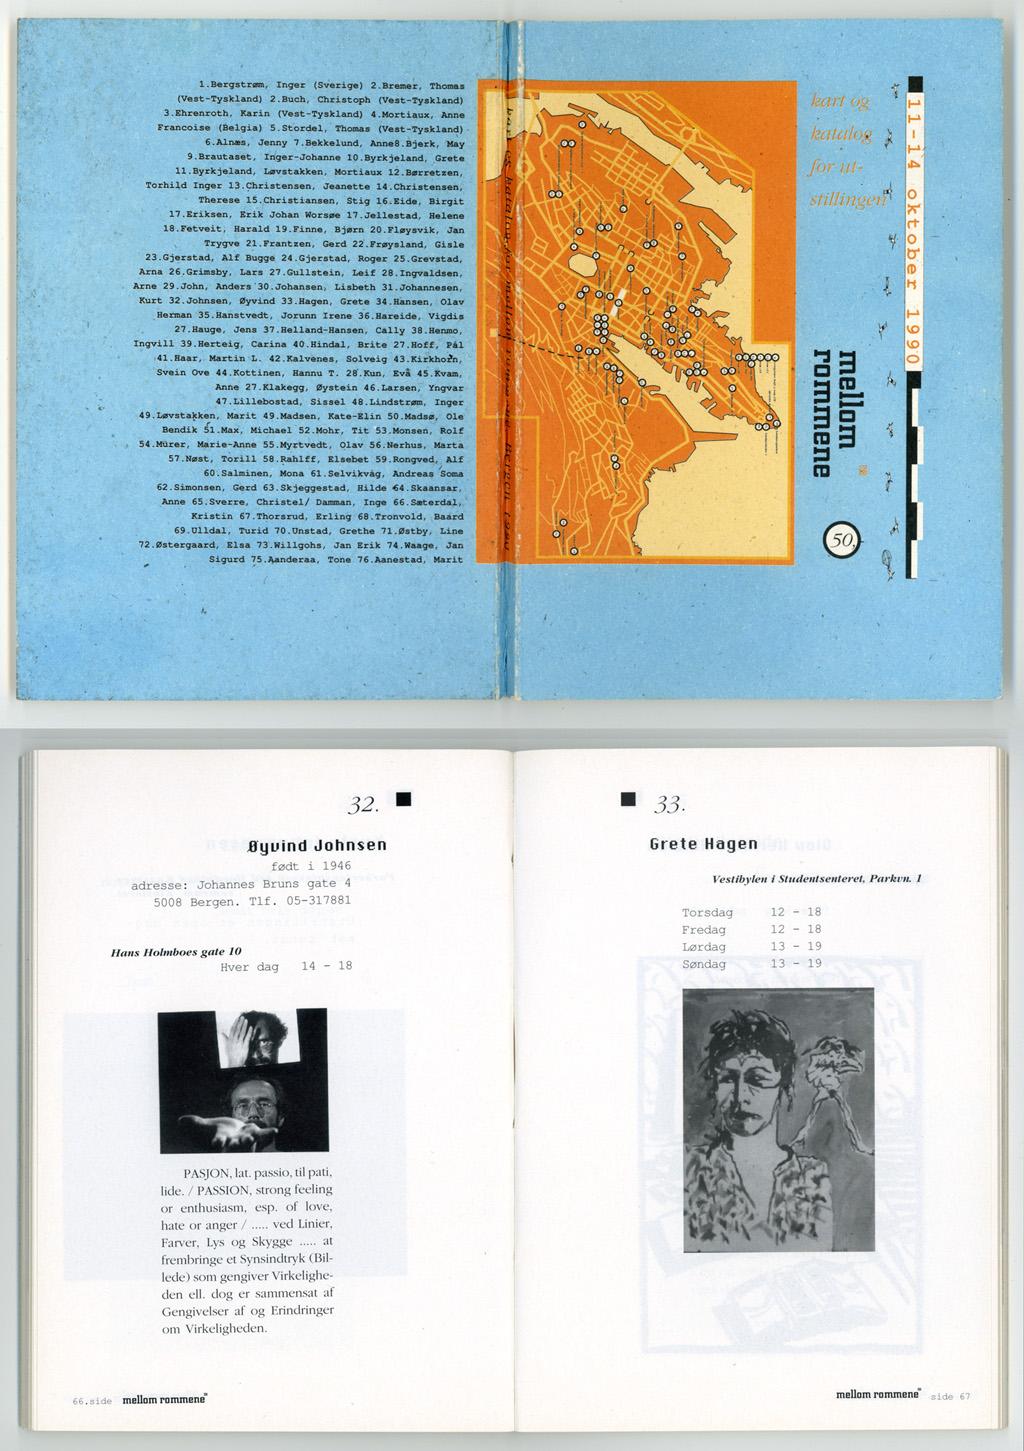 000ny 1990-exhibition-catalogue-Mellom-rommene-1